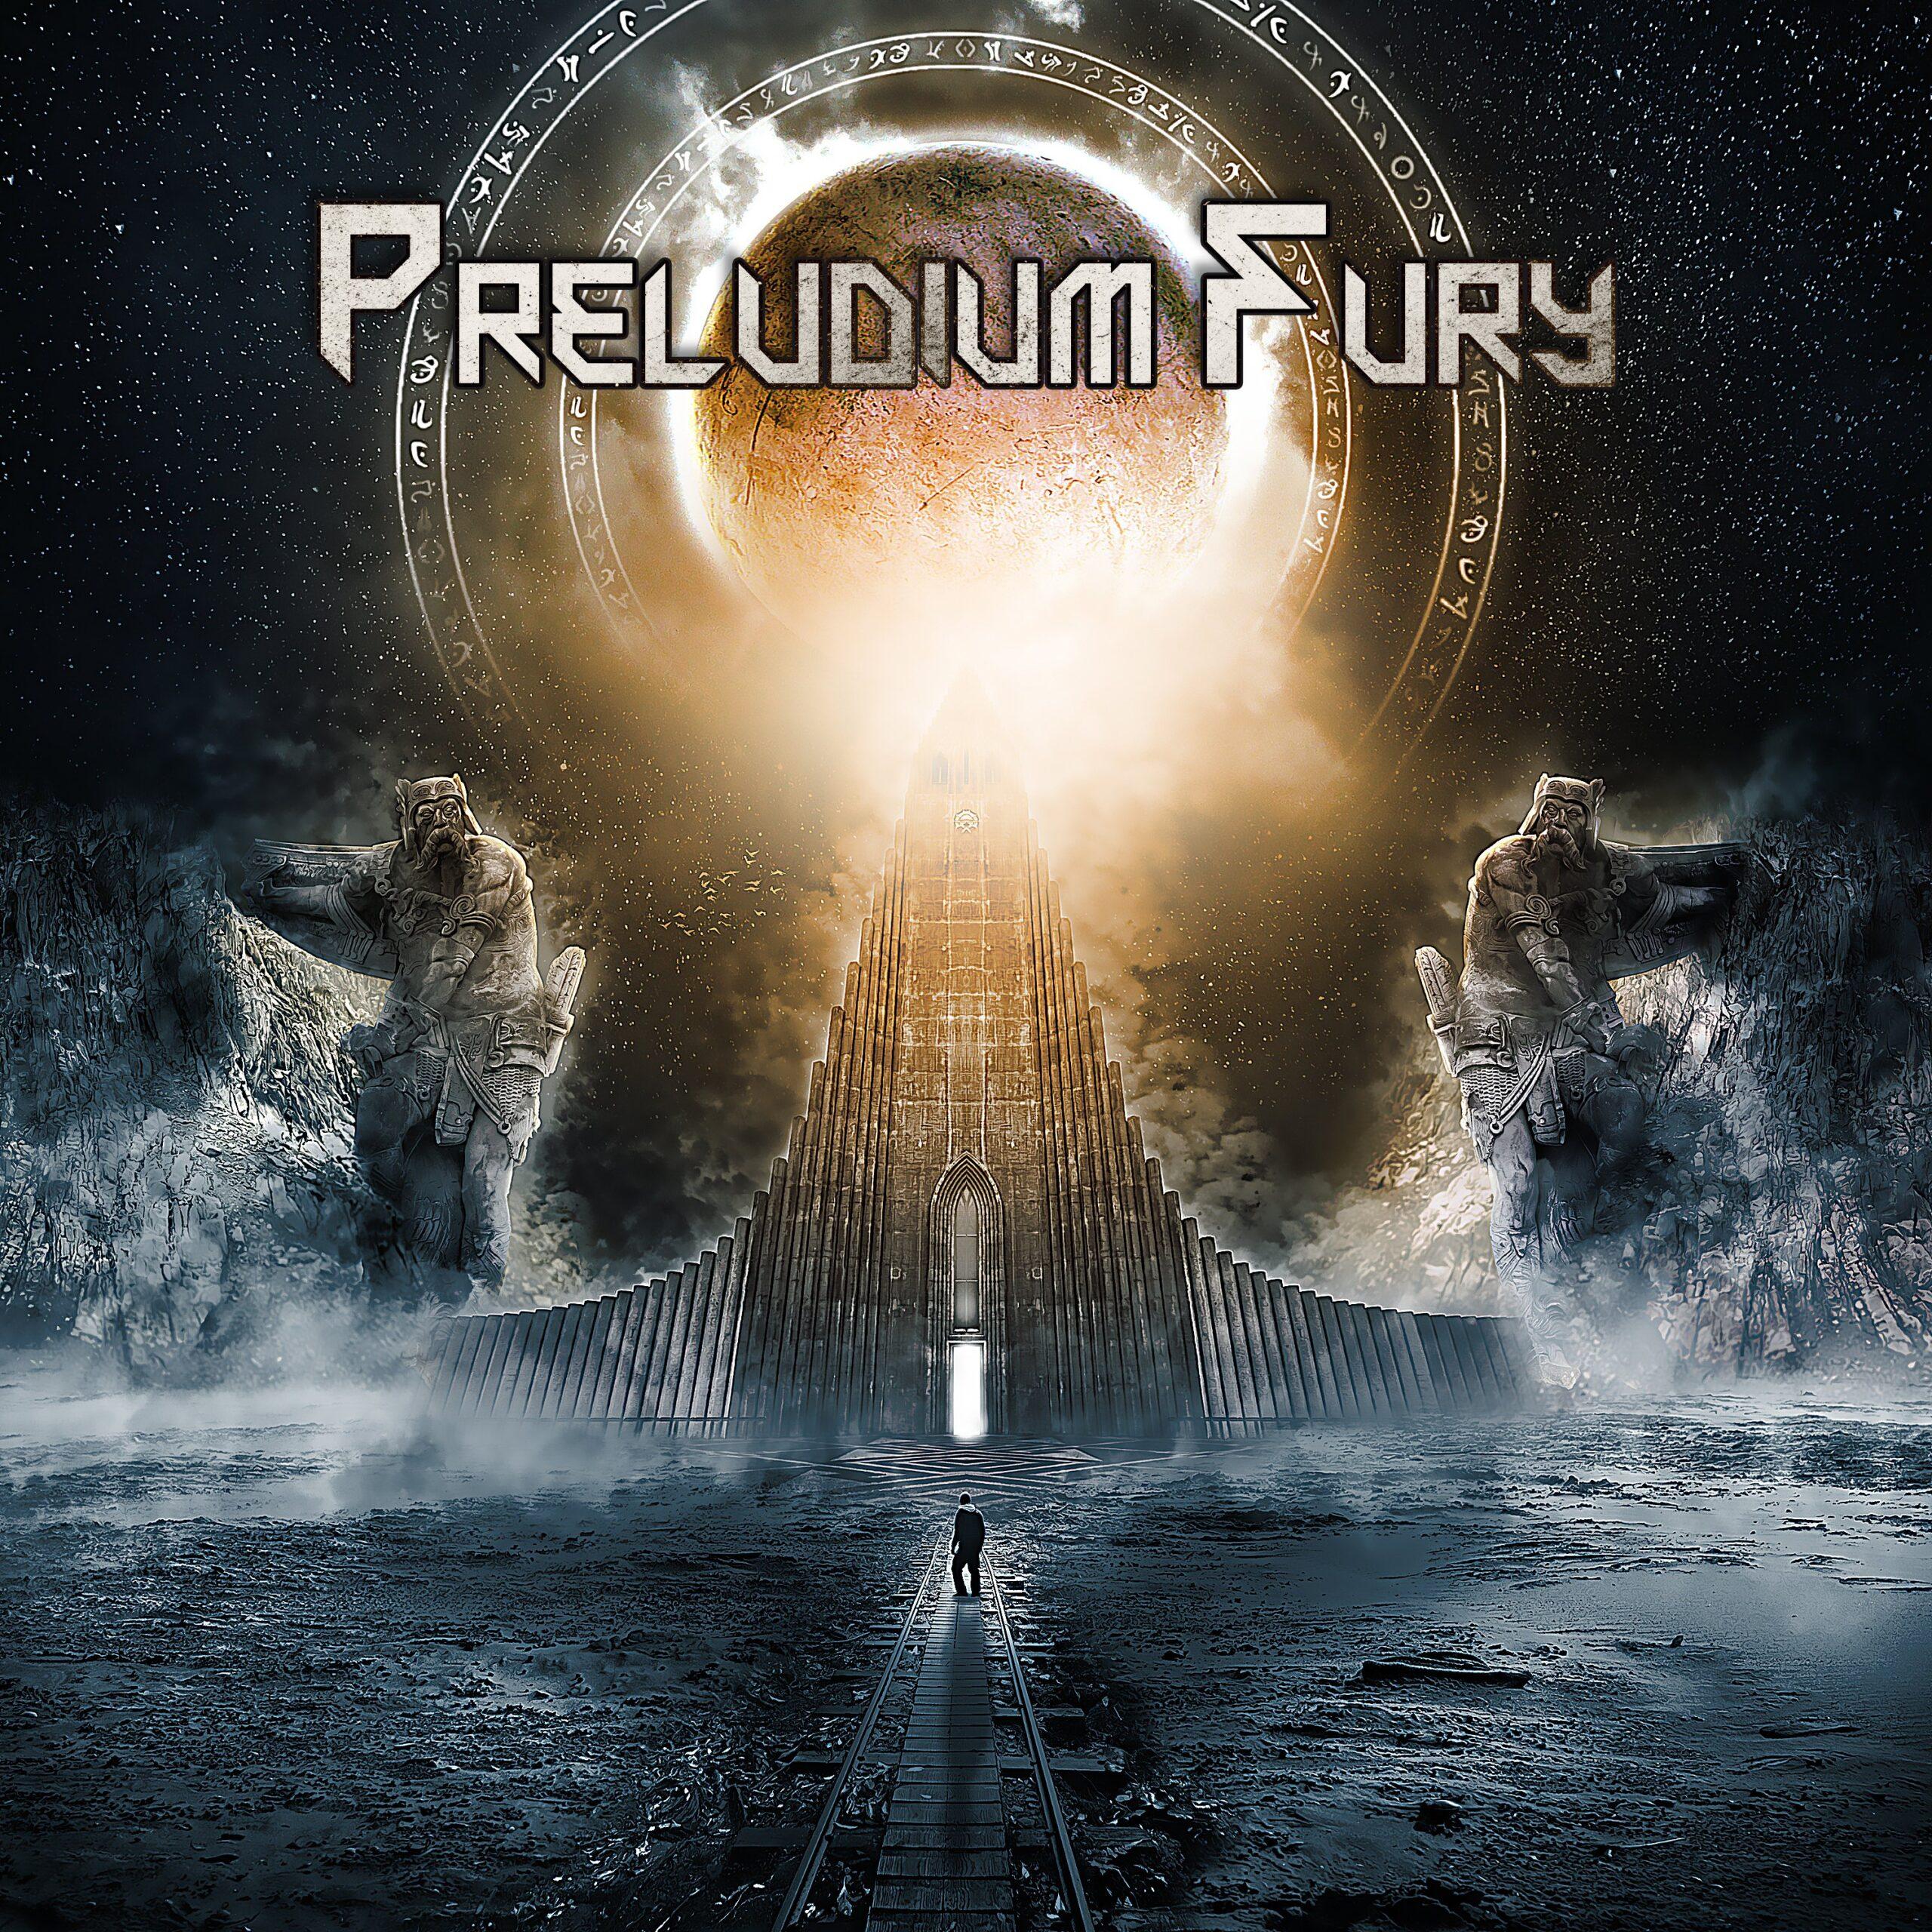 Preludium Fury